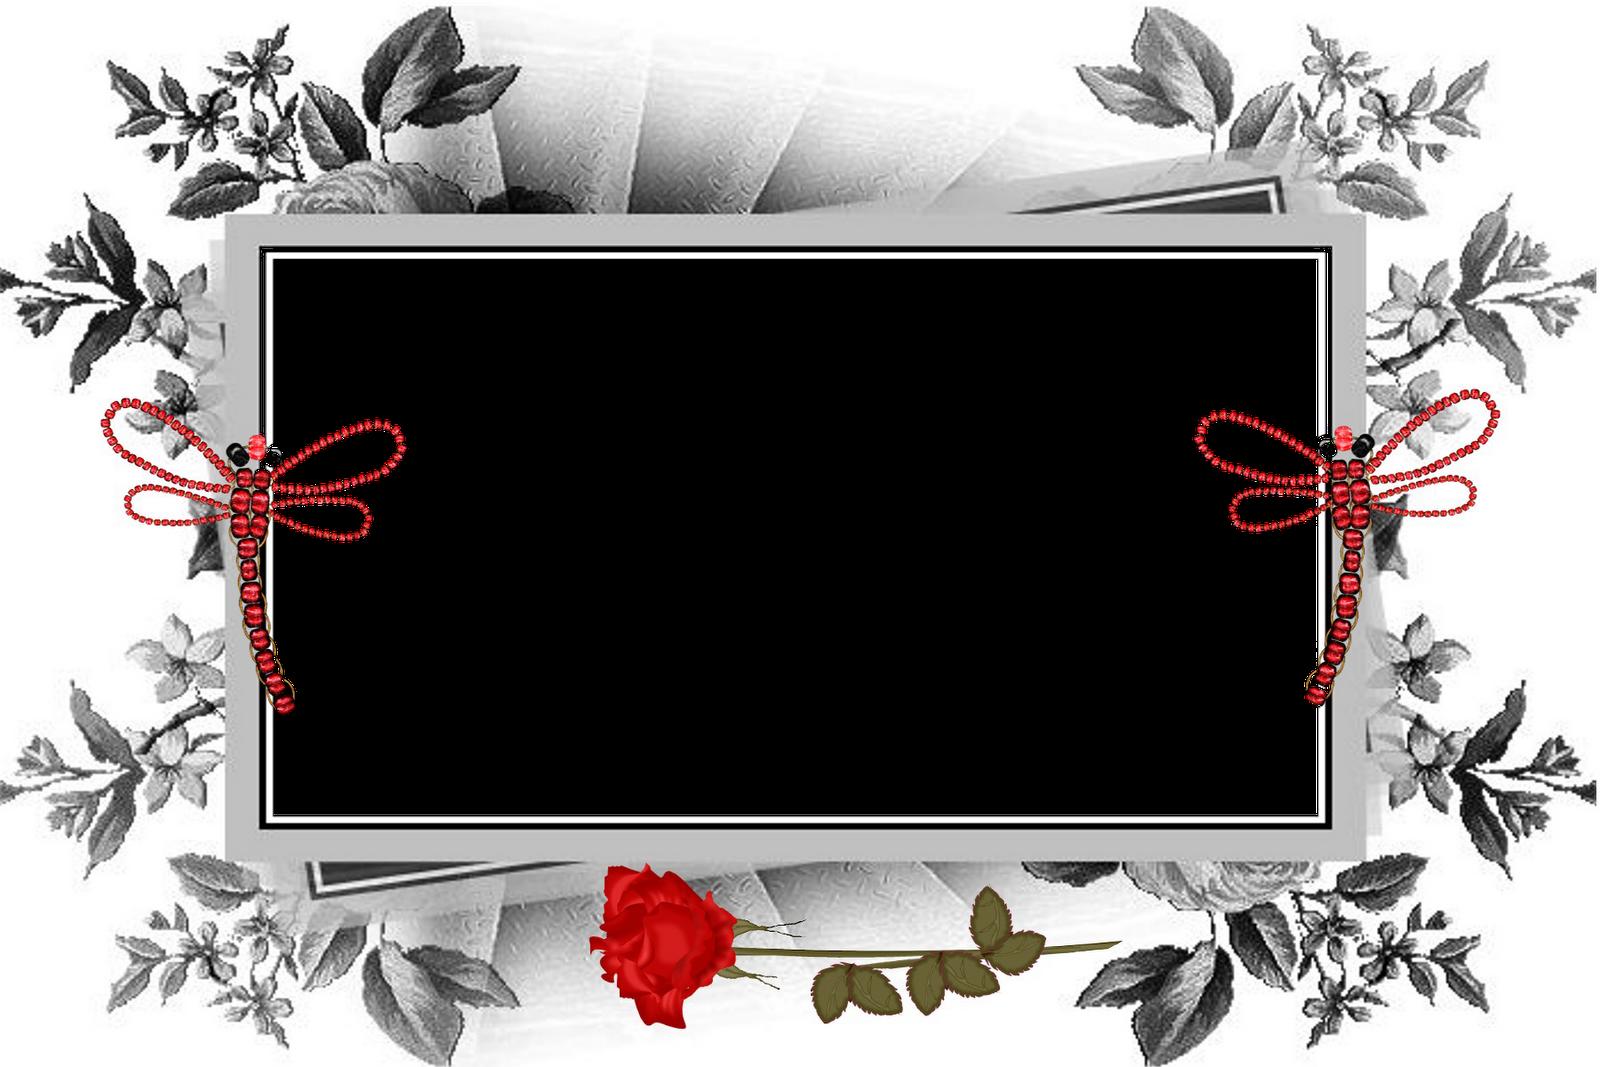 Montagem moldura de flores com borboletas online gratis  - Molduras Para Fotos Com Flores E Borboletas